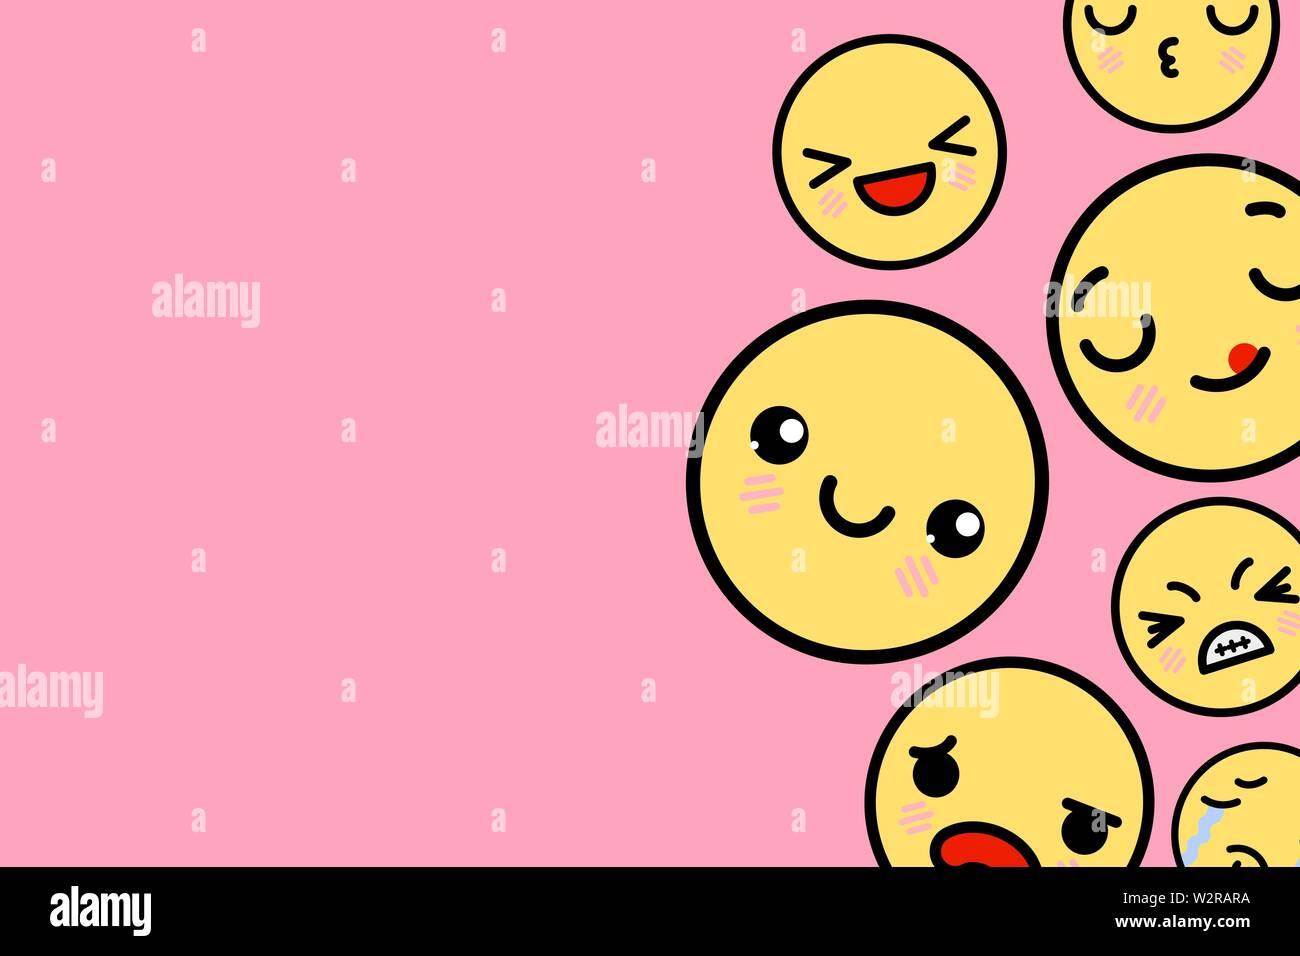 Modello di pagina di intestazione con posto per il testo - divertente sorriso Emoji illustrazione vettoriale Immagini Stock